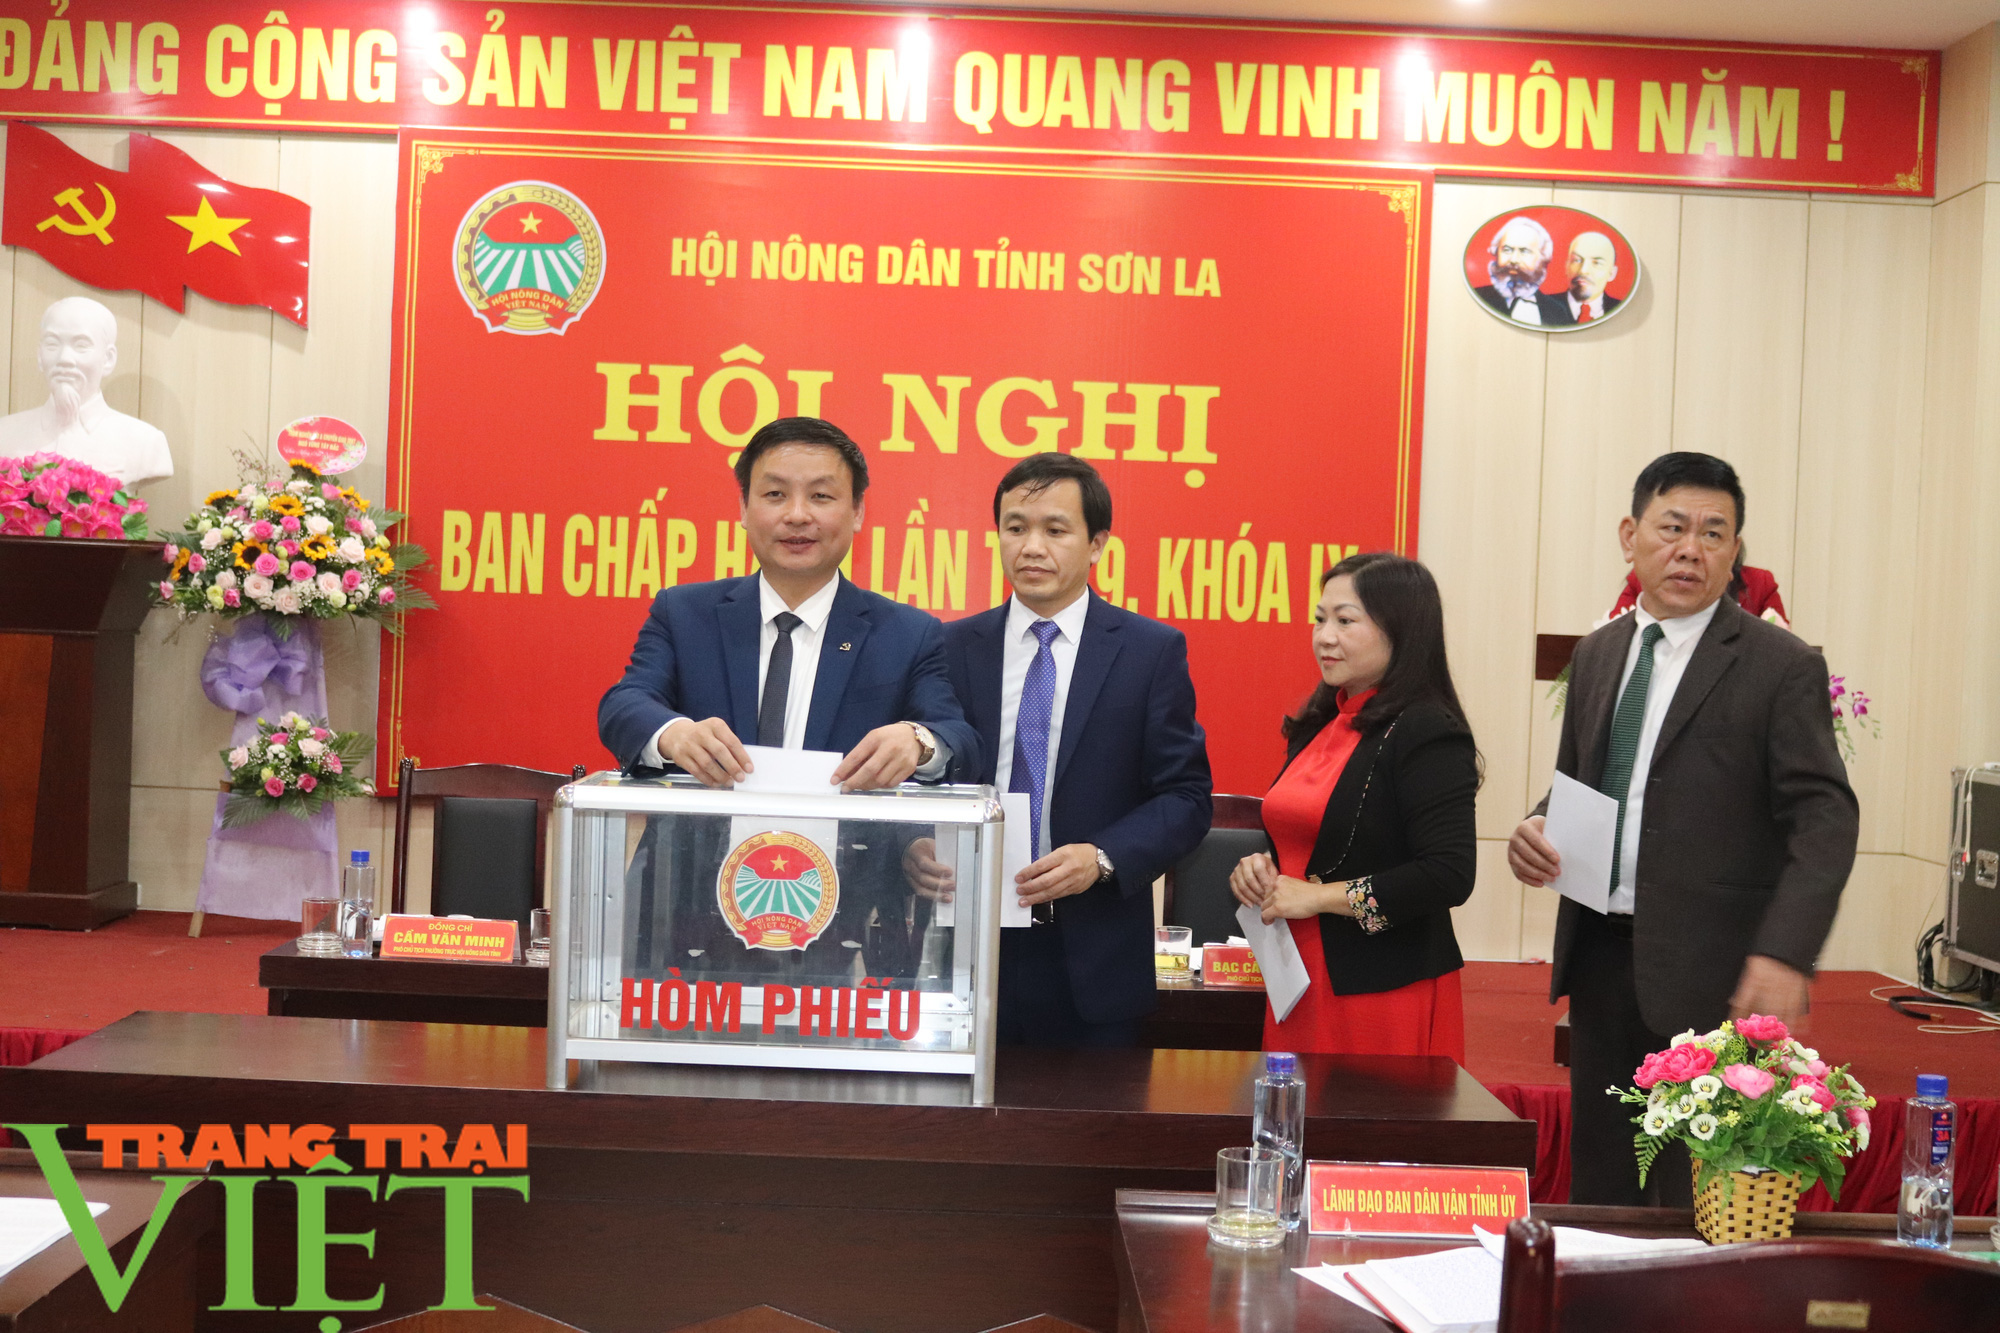 Hội Nông dân tỉnh Sơn La tổ chức Hội nghị Ban Chấp hành Hội Nông dân lần thứ 9, khoá IX - Ảnh 4.